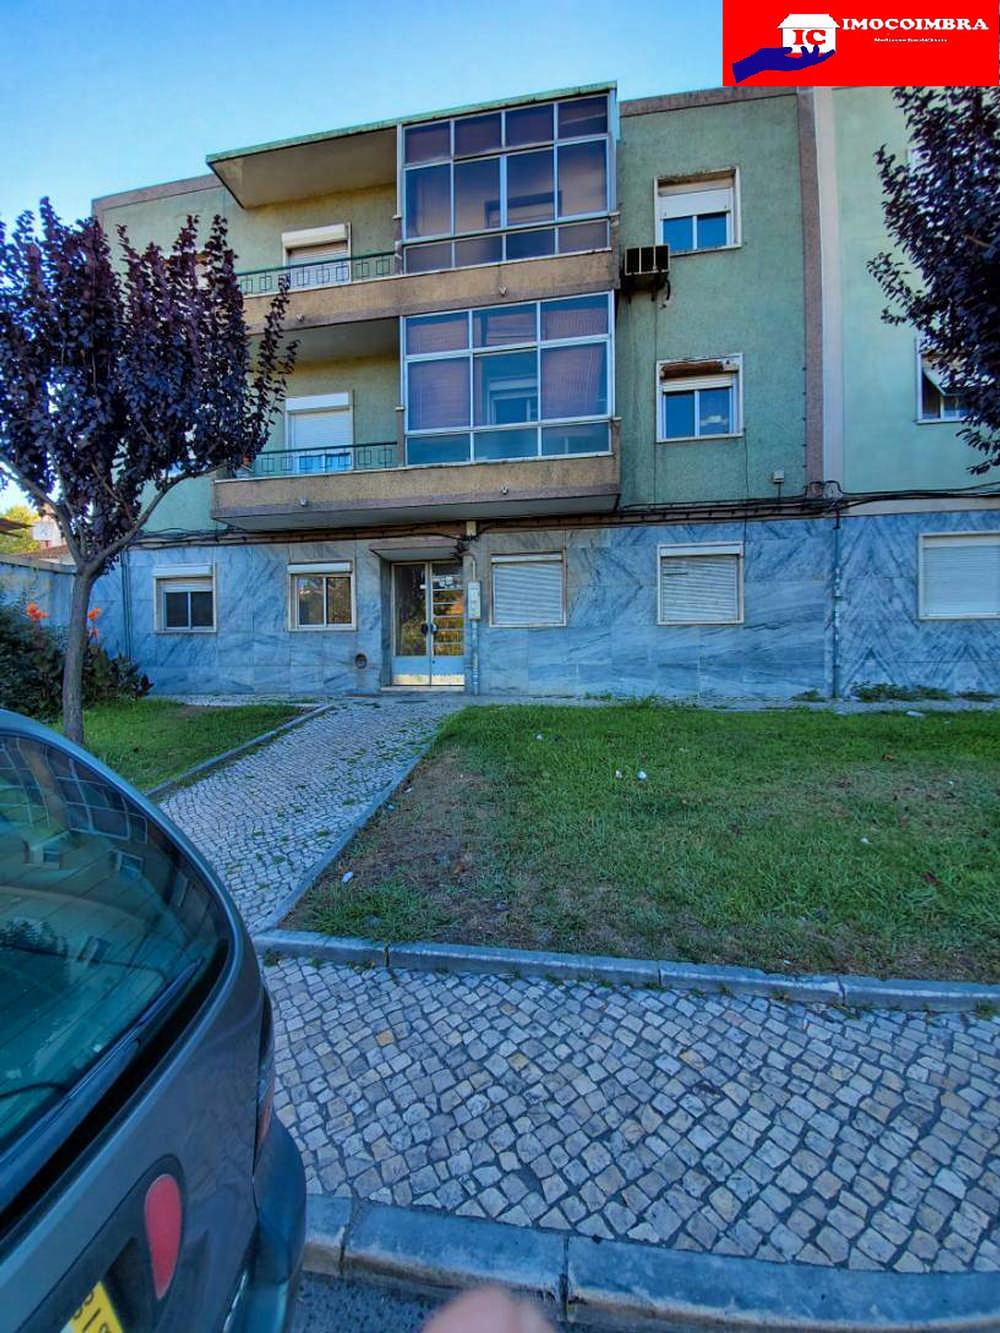 Lisboa Lisbon building picture 145577